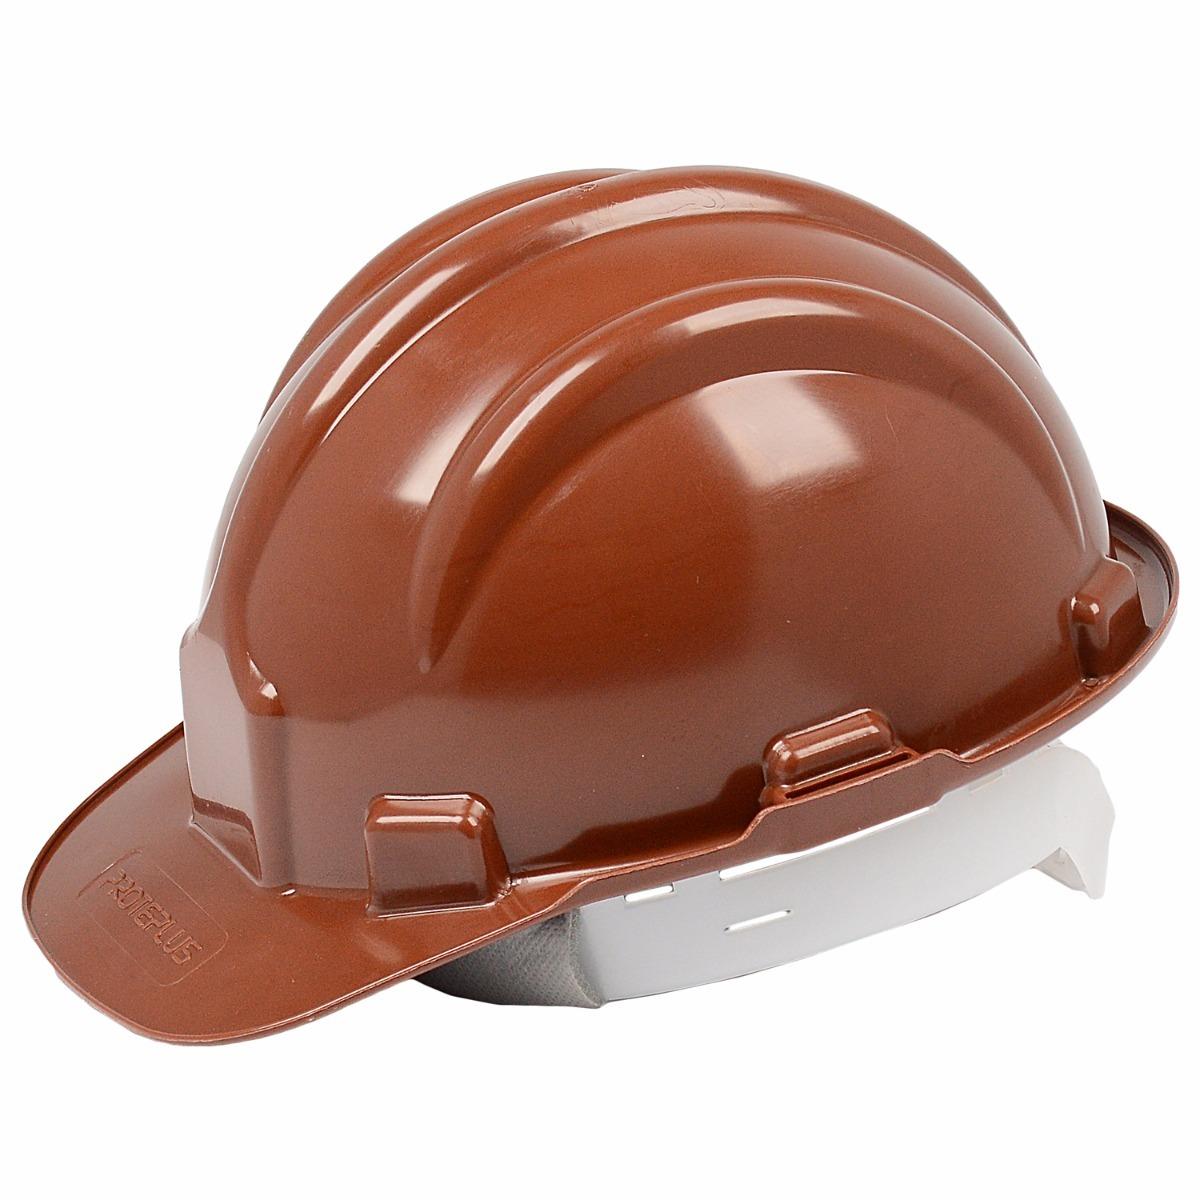 Capacete Com Carneira Proteção Epi Obra Marrom Construção - R  15,51 ... 7ffe0e3db8